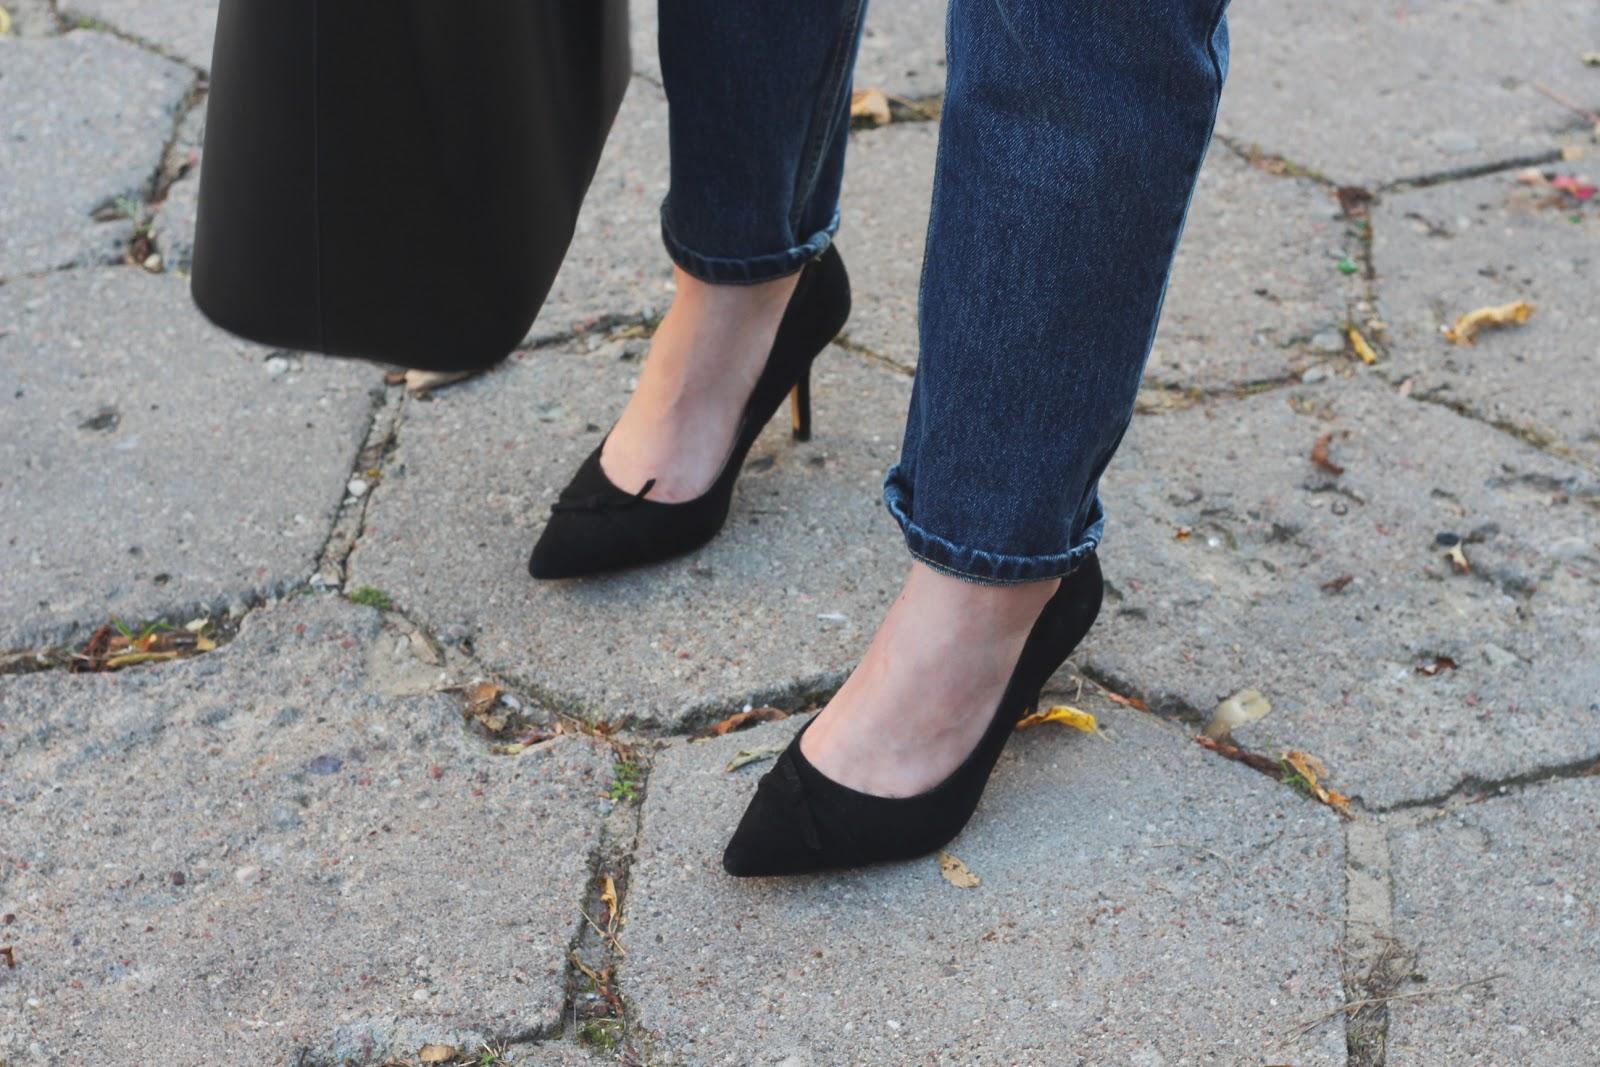 czarne zamszowe czółenka Zara street style